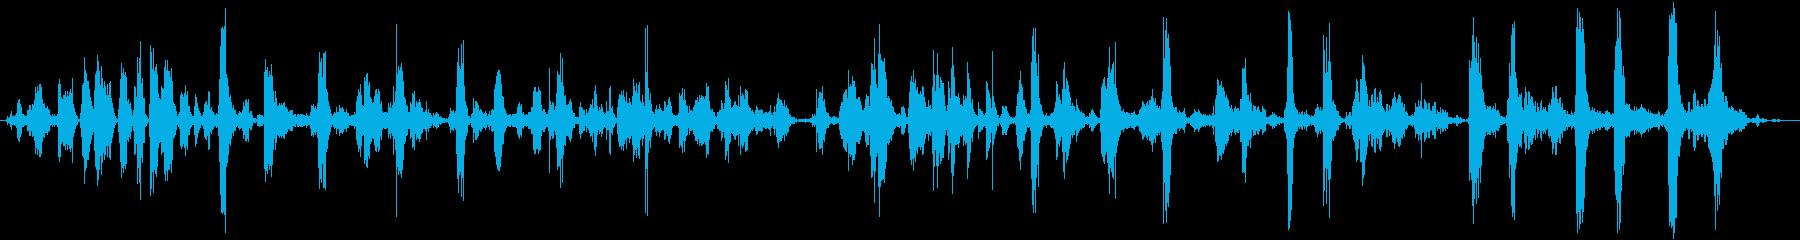 ジャイアントゴリラグランティングク...の再生済みの波形